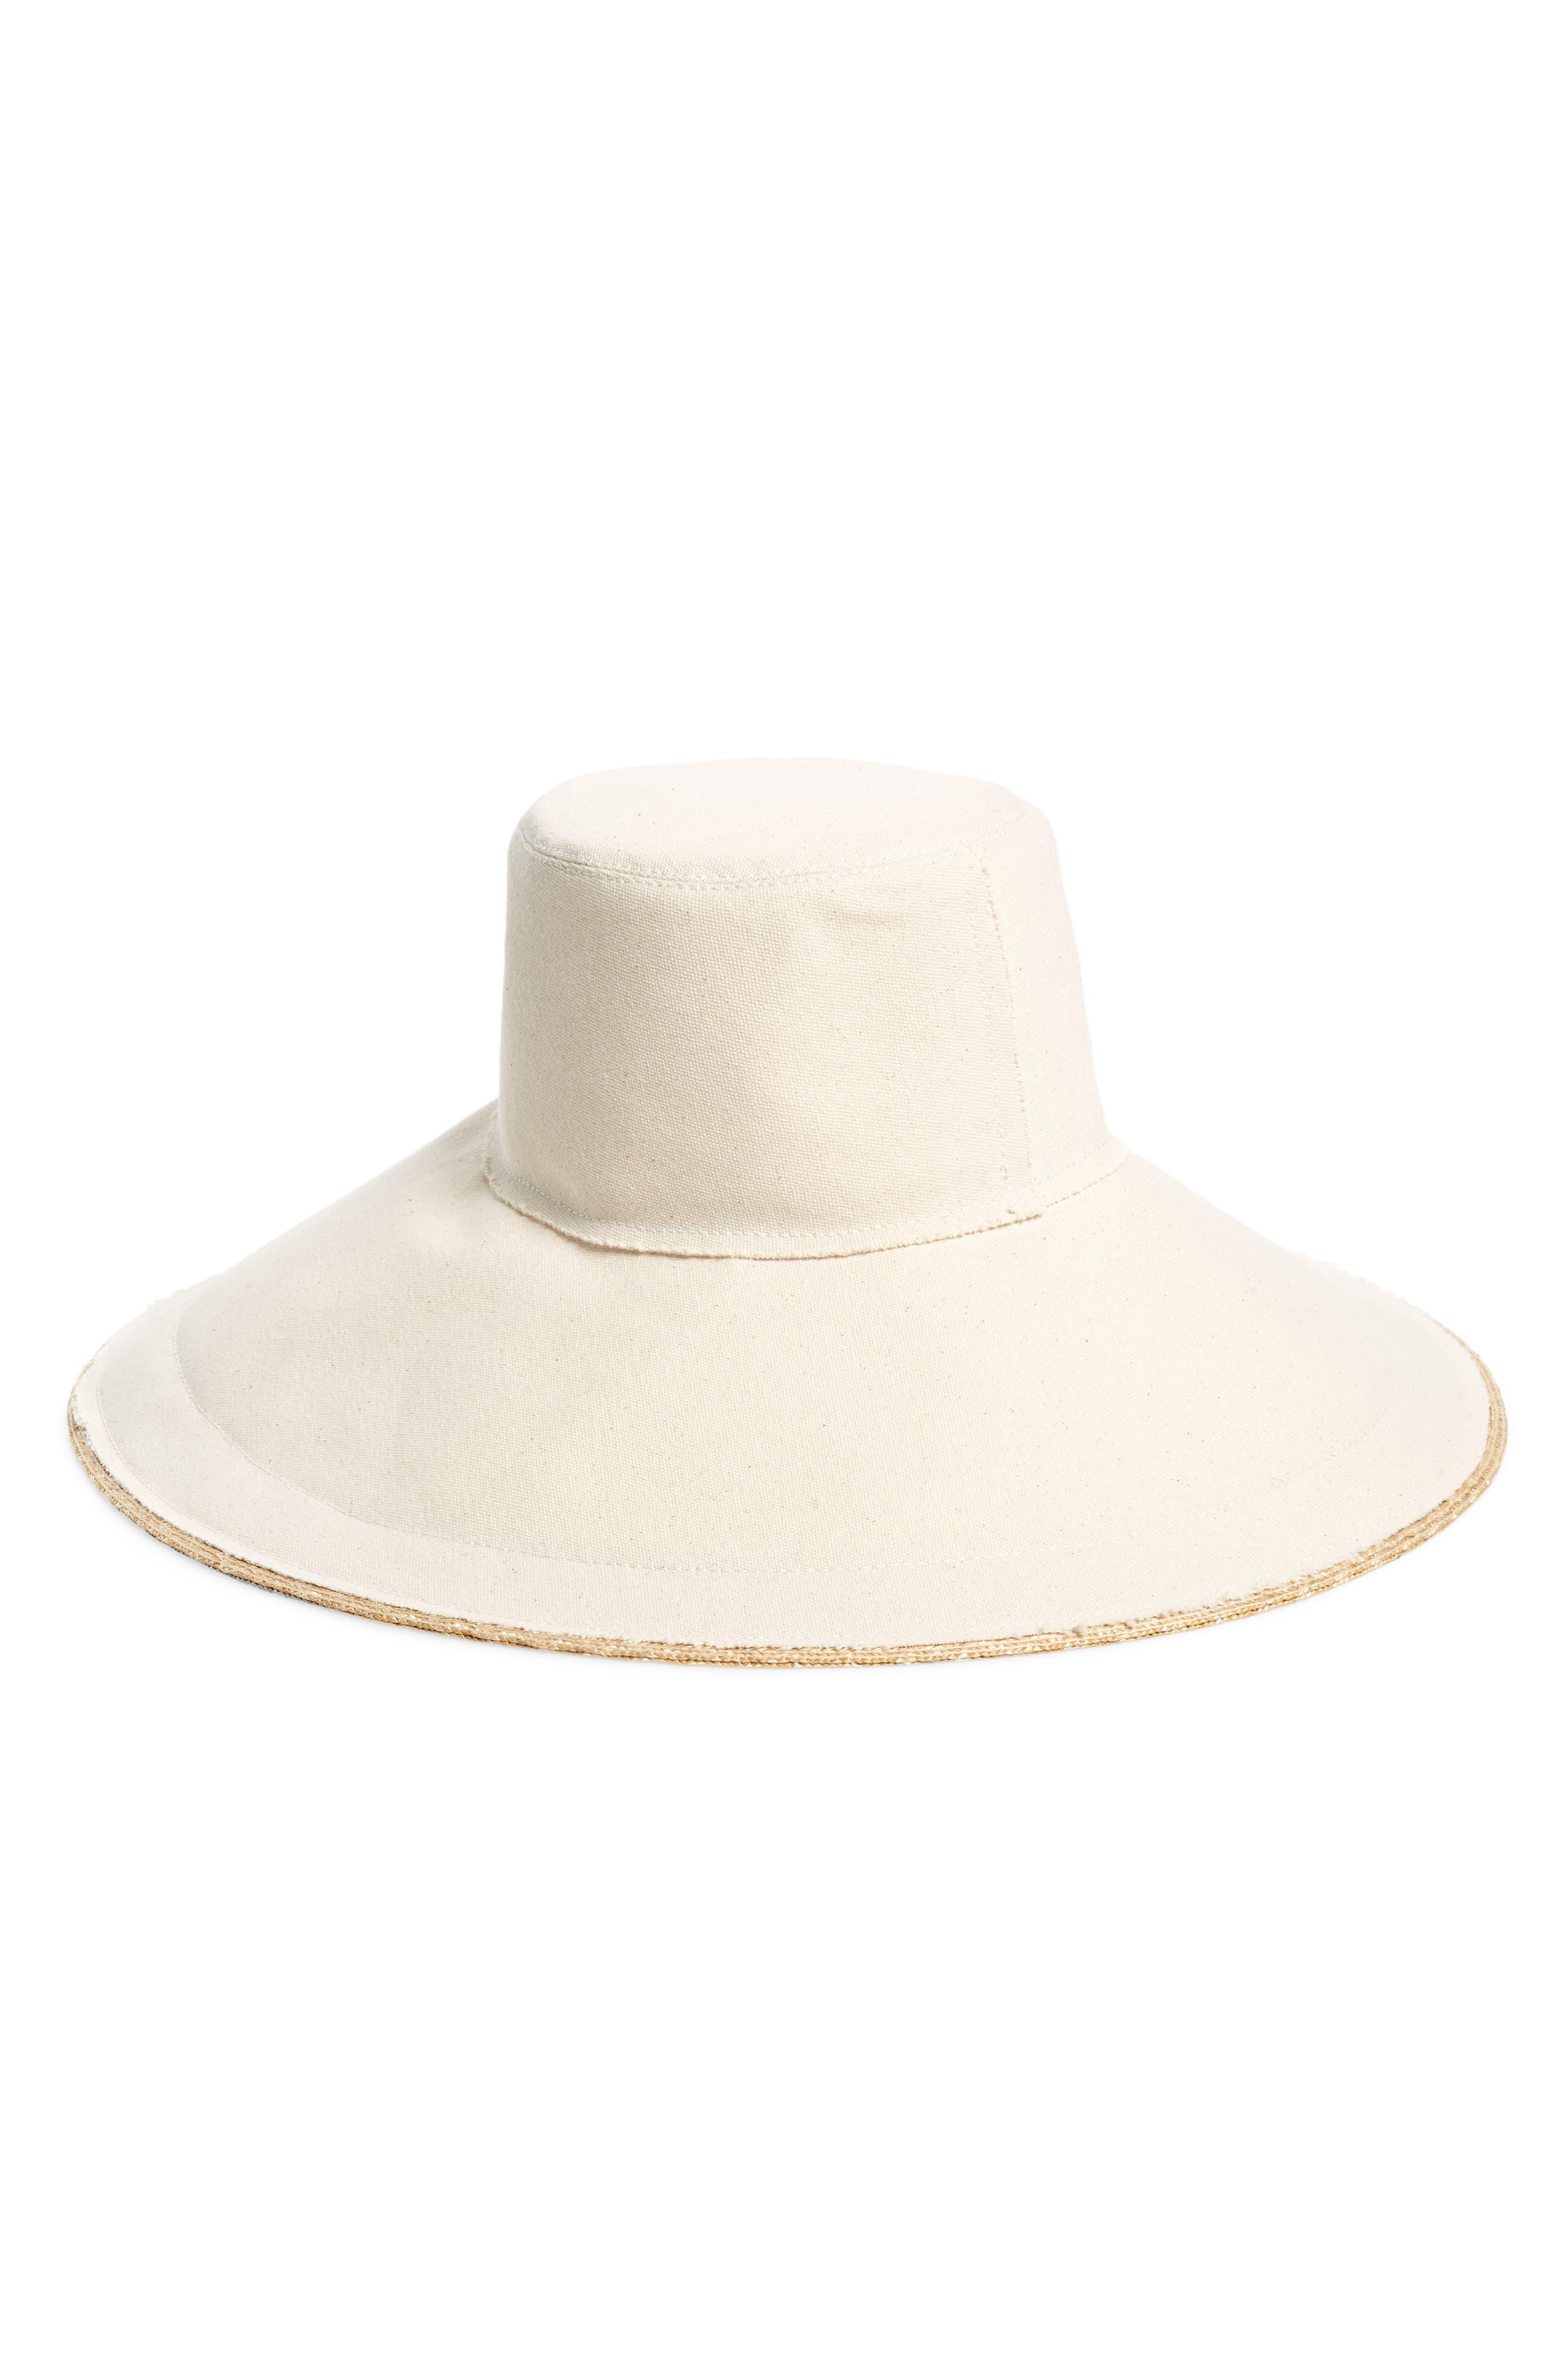 LOLA HATS, Single Take Wide Brim Hat, Main thumbnail 1, color, NATURAL